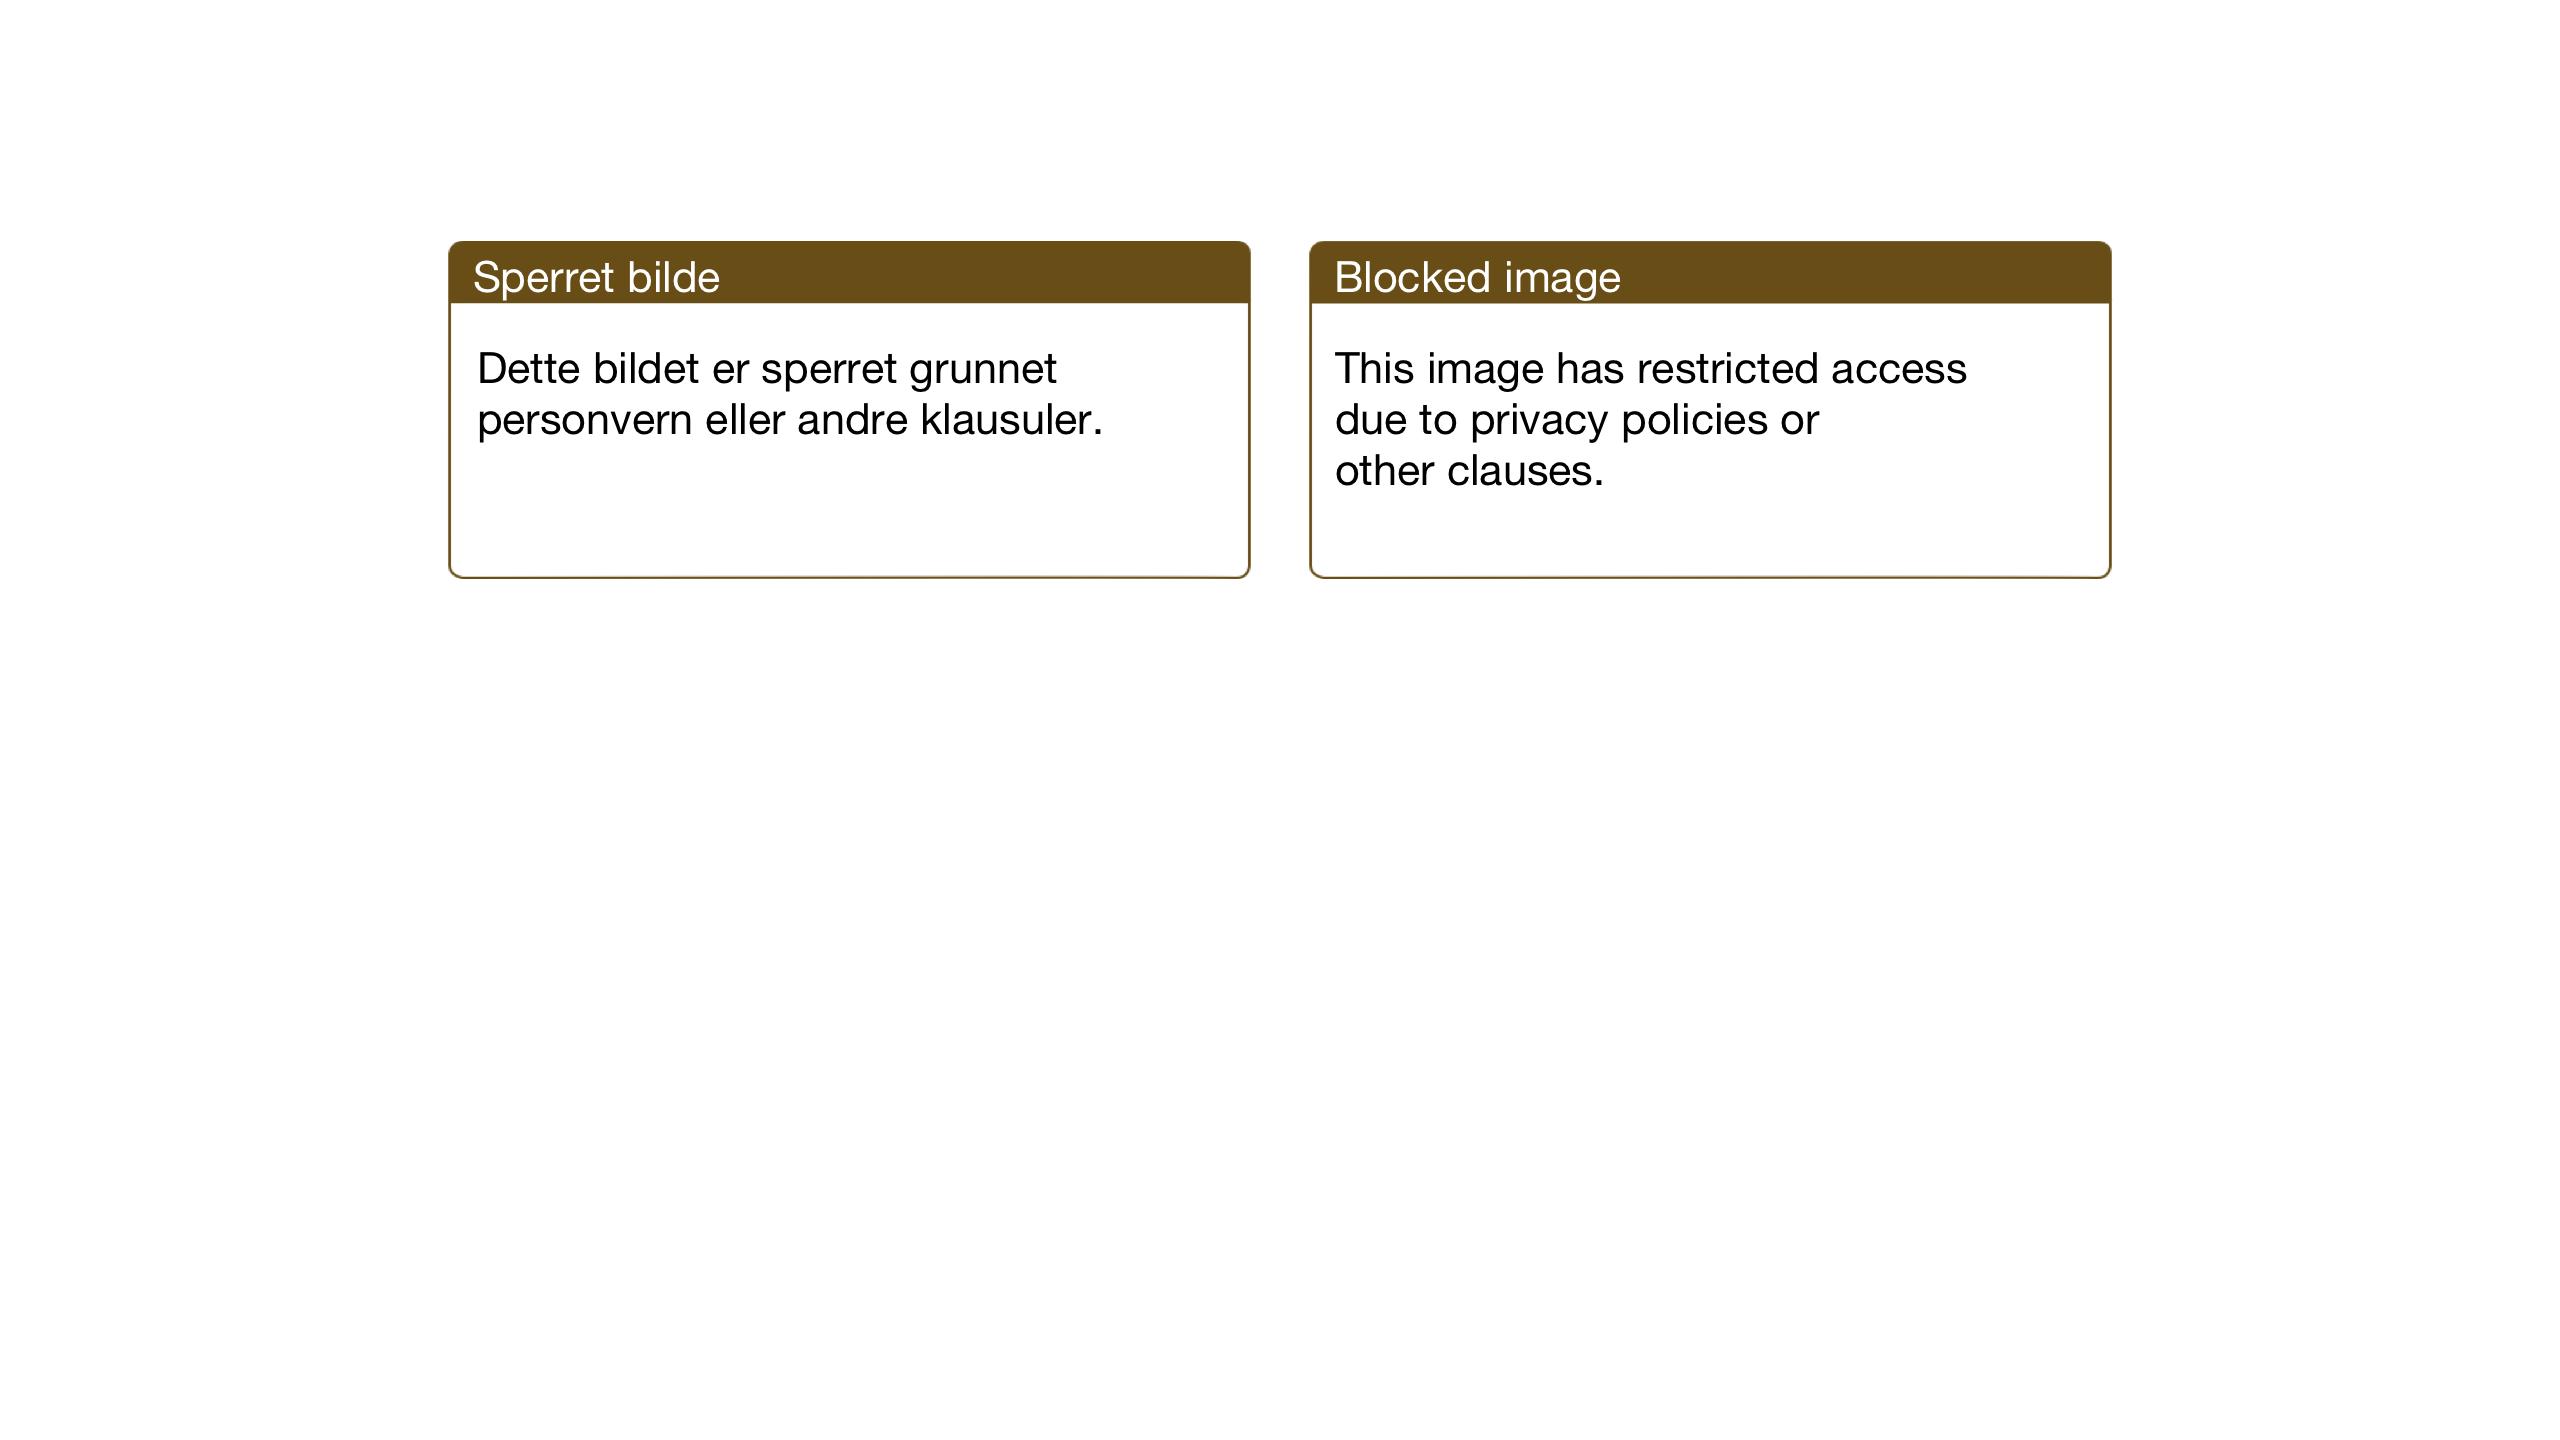 SAT, Ministerialprotokoller, klokkerbøker og fødselsregistre - Nord-Trøndelag, 784/L0678: Ministerialbok nr. 784A13, 1921-1938, s. 84